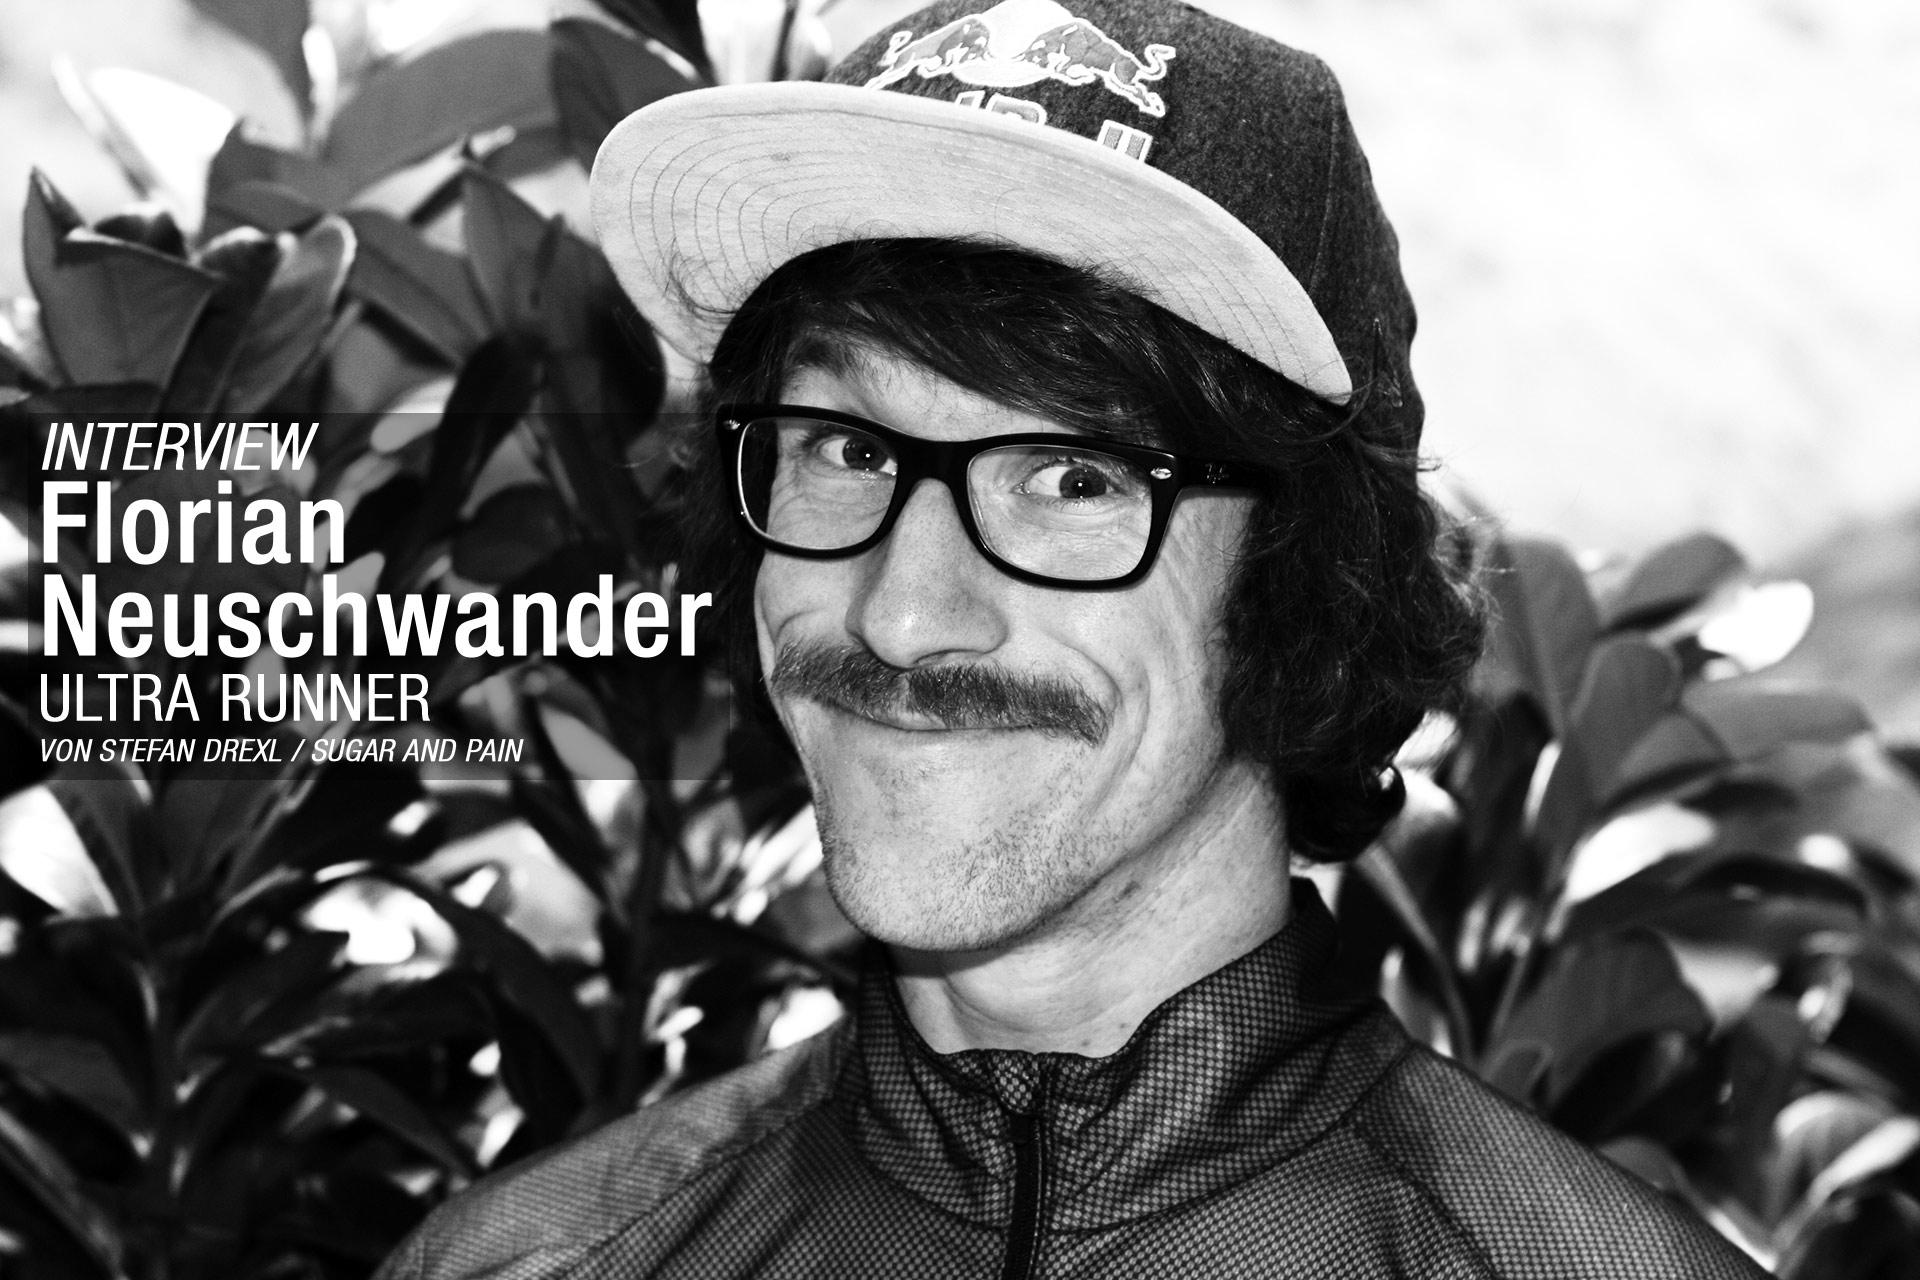 """INTERVIEW Florian Neuschwander, Ultrarunner """"Der WM Titel über die 100 Kilometer wäre ein Traum"""" © stefandrexl.de"""